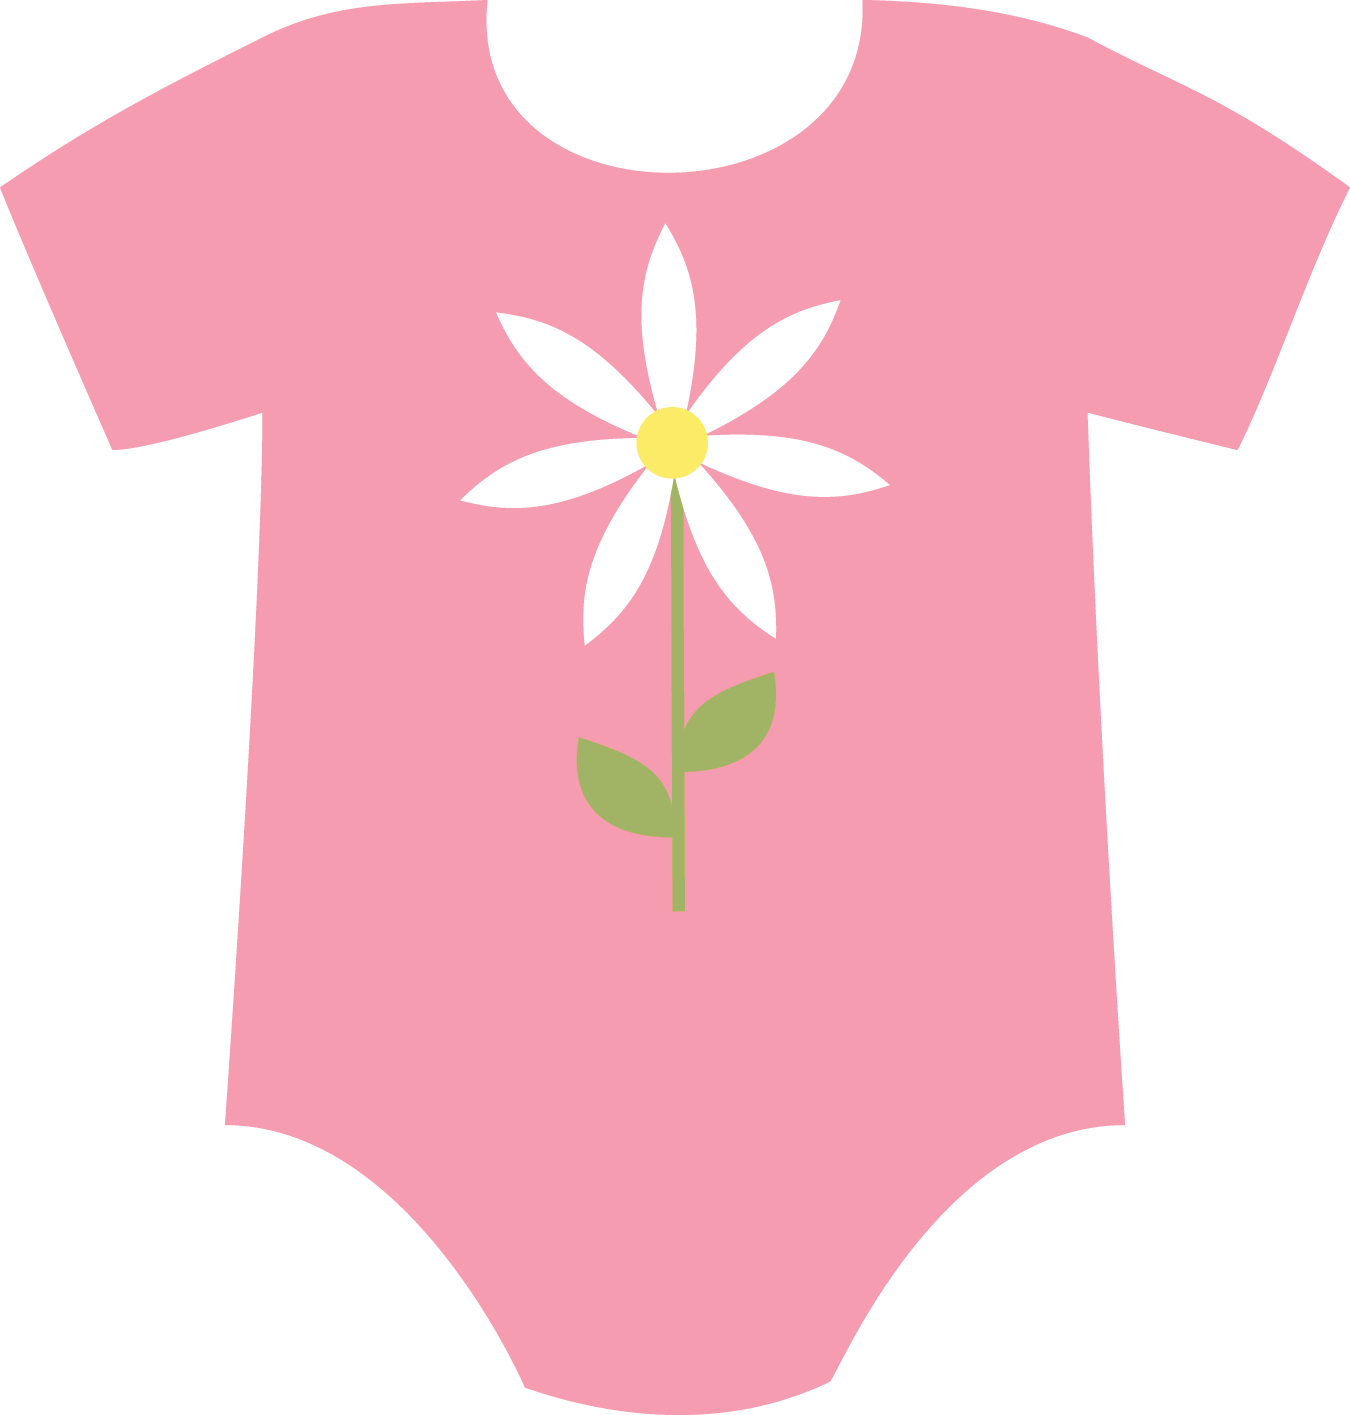 Pin von violet valenzuela auf Baby shower Noé | Pinterest